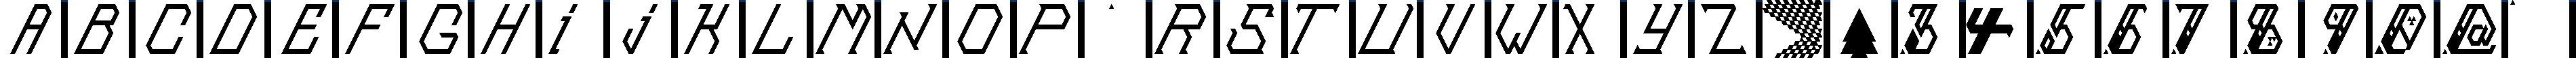 Particip-a-type v.315